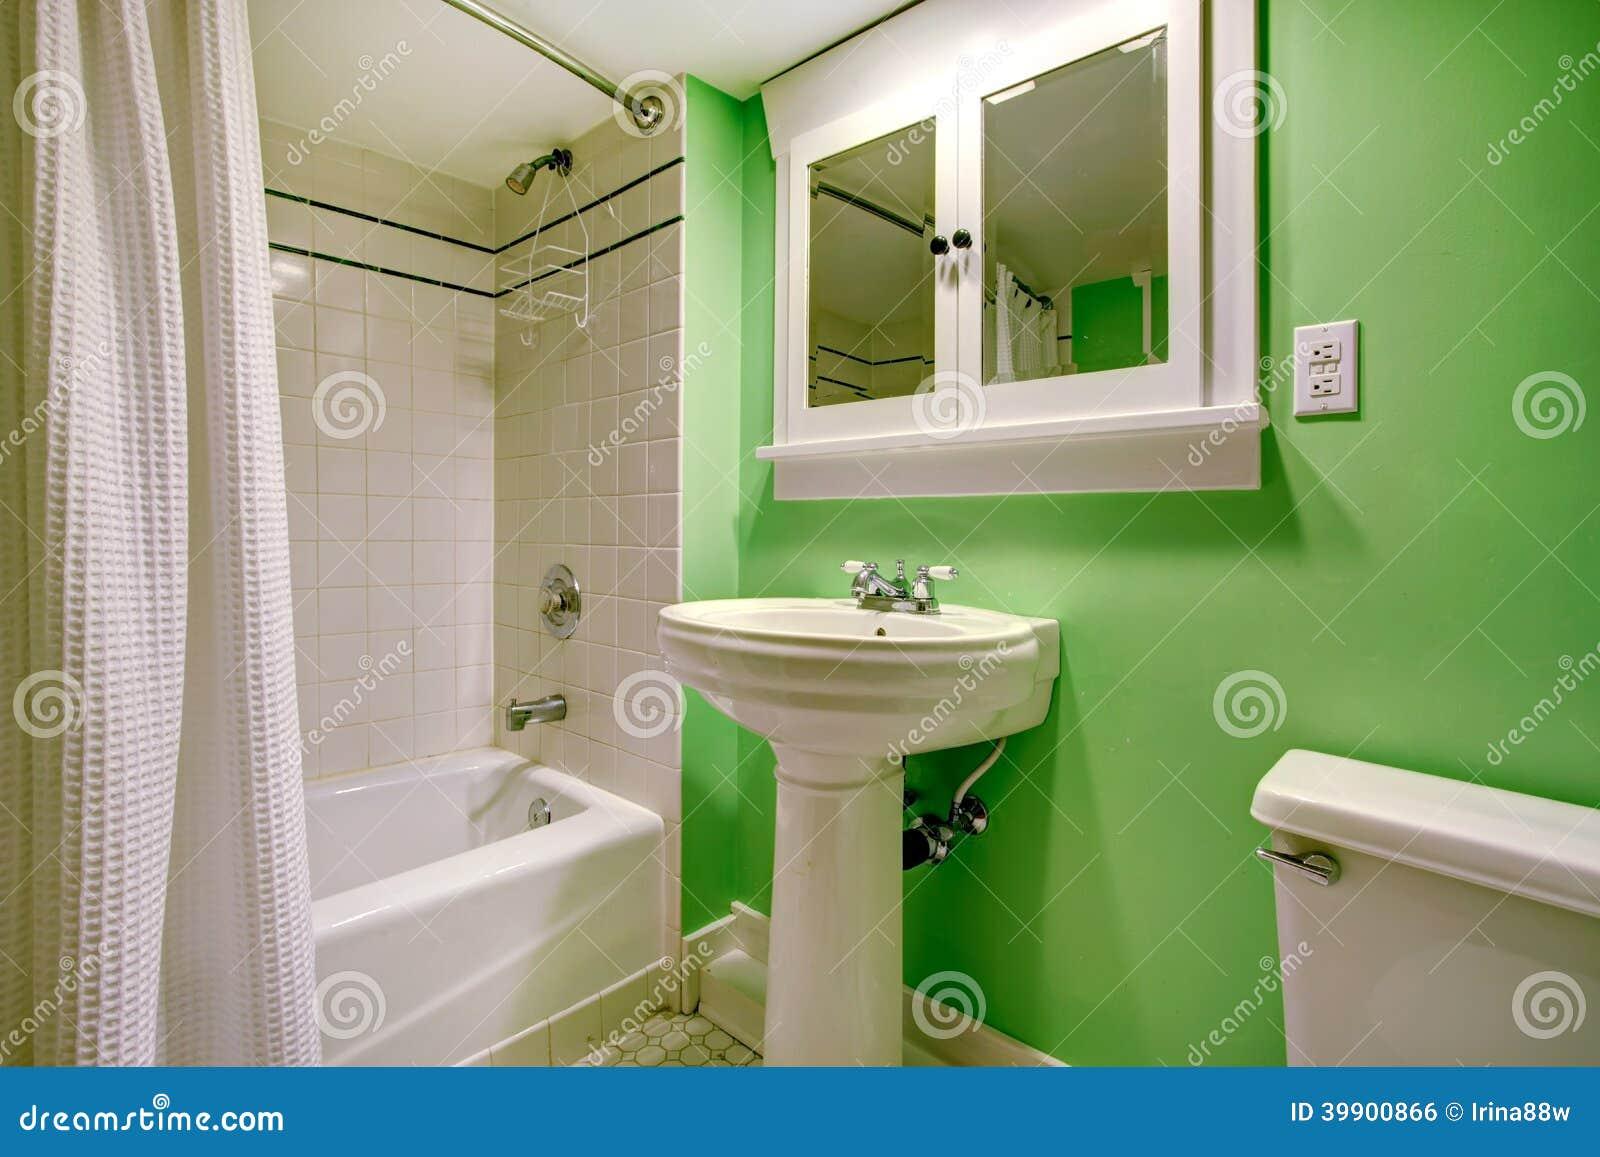 Angolari per piastrelle bagno - Dipingere piastrelle bagno ...